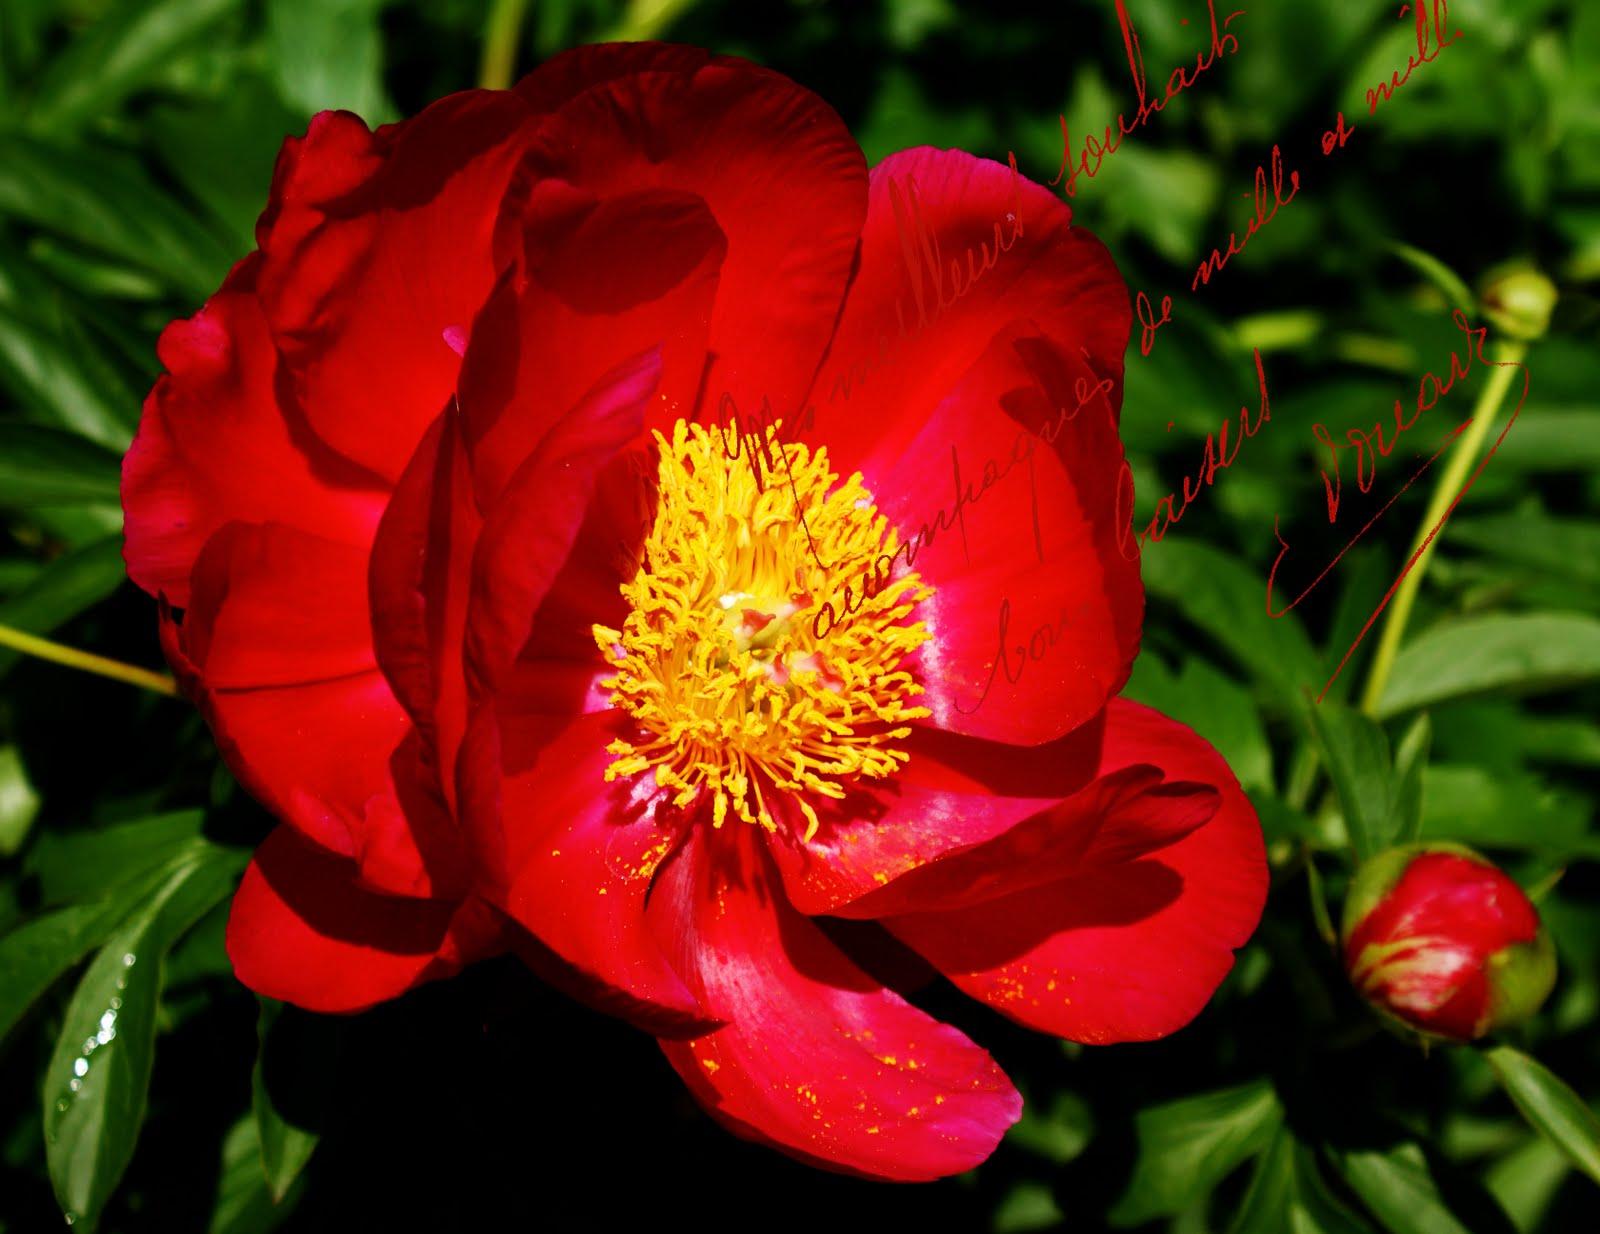 http://1.bp.blogspot.com/-5i3ZHI5c-wQ/TfPvwundGBI/AAAAAAAAJNk/LlyxuhGmtUM/s1600/French+red+rose.jpg